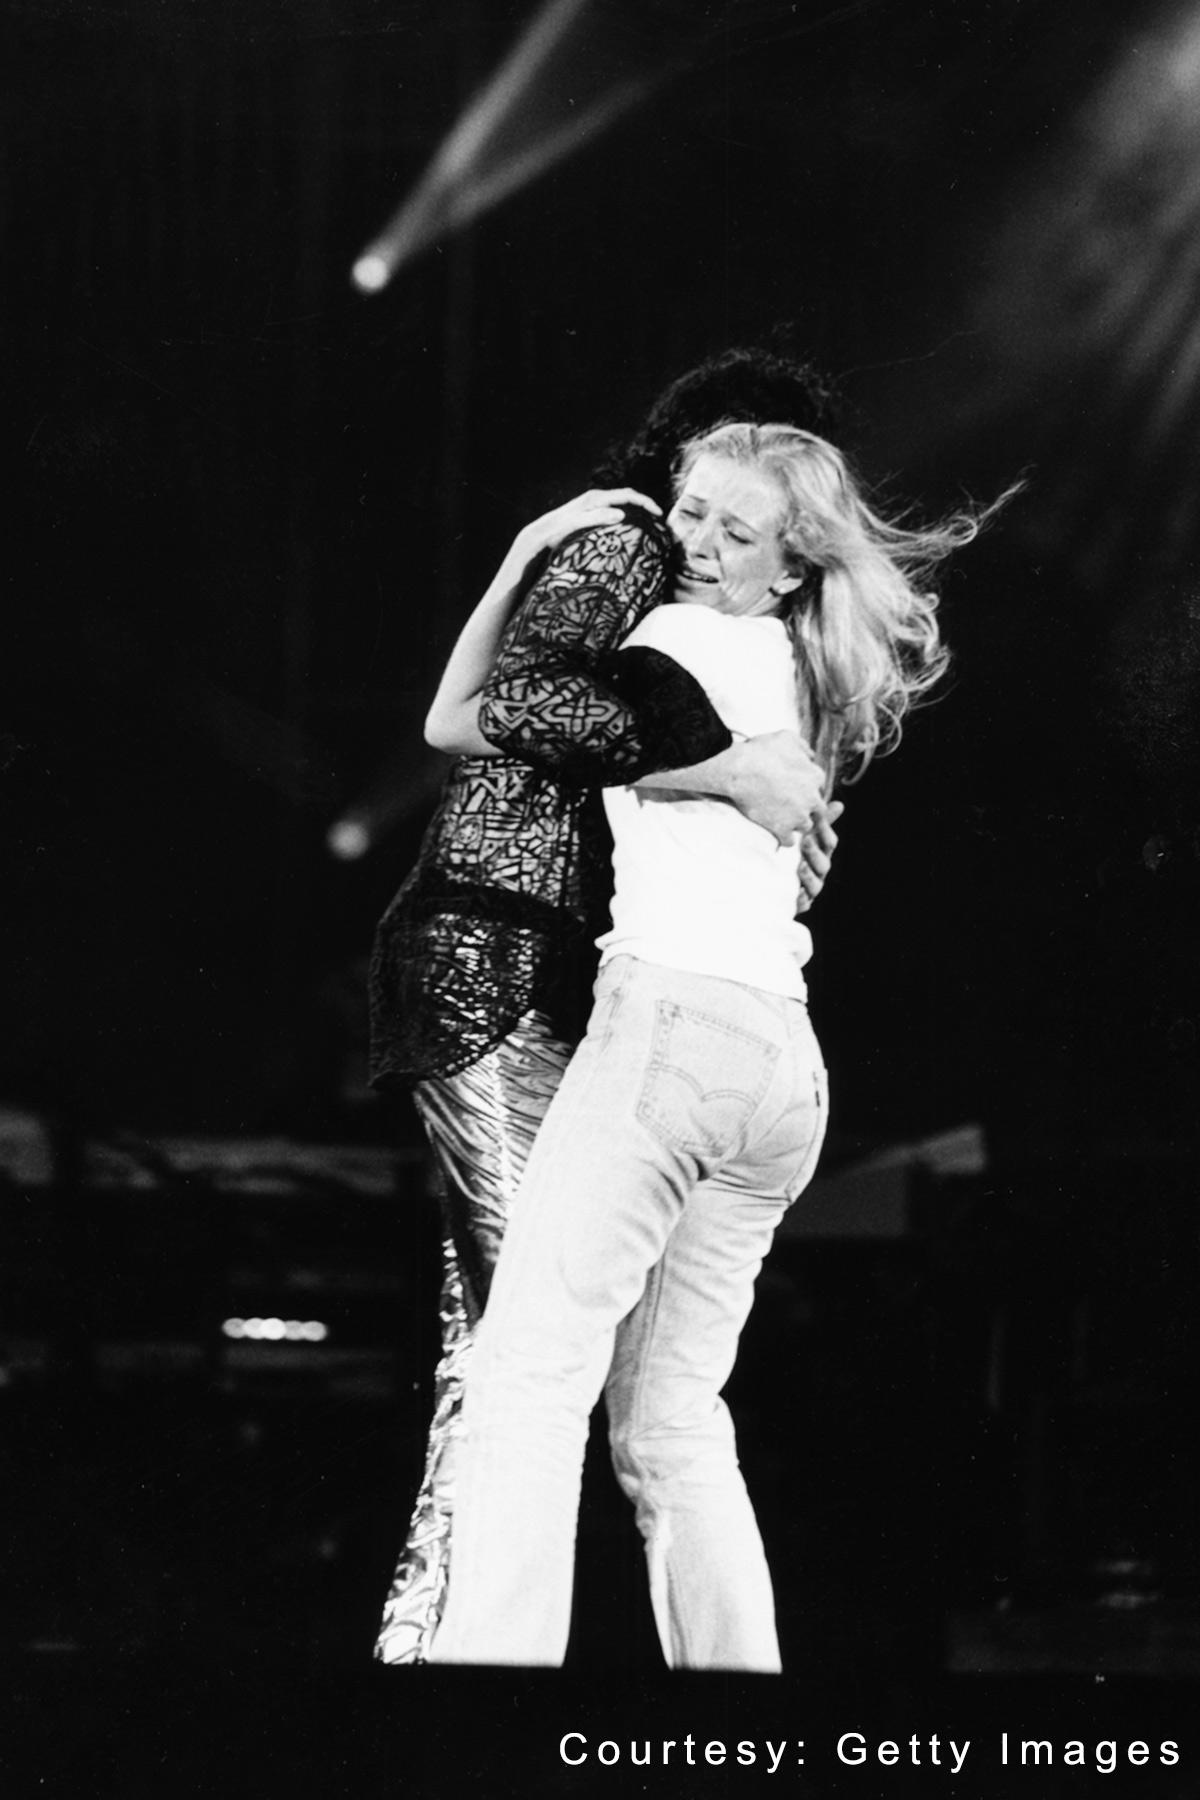 Michael Jackson hugs a fan on stage